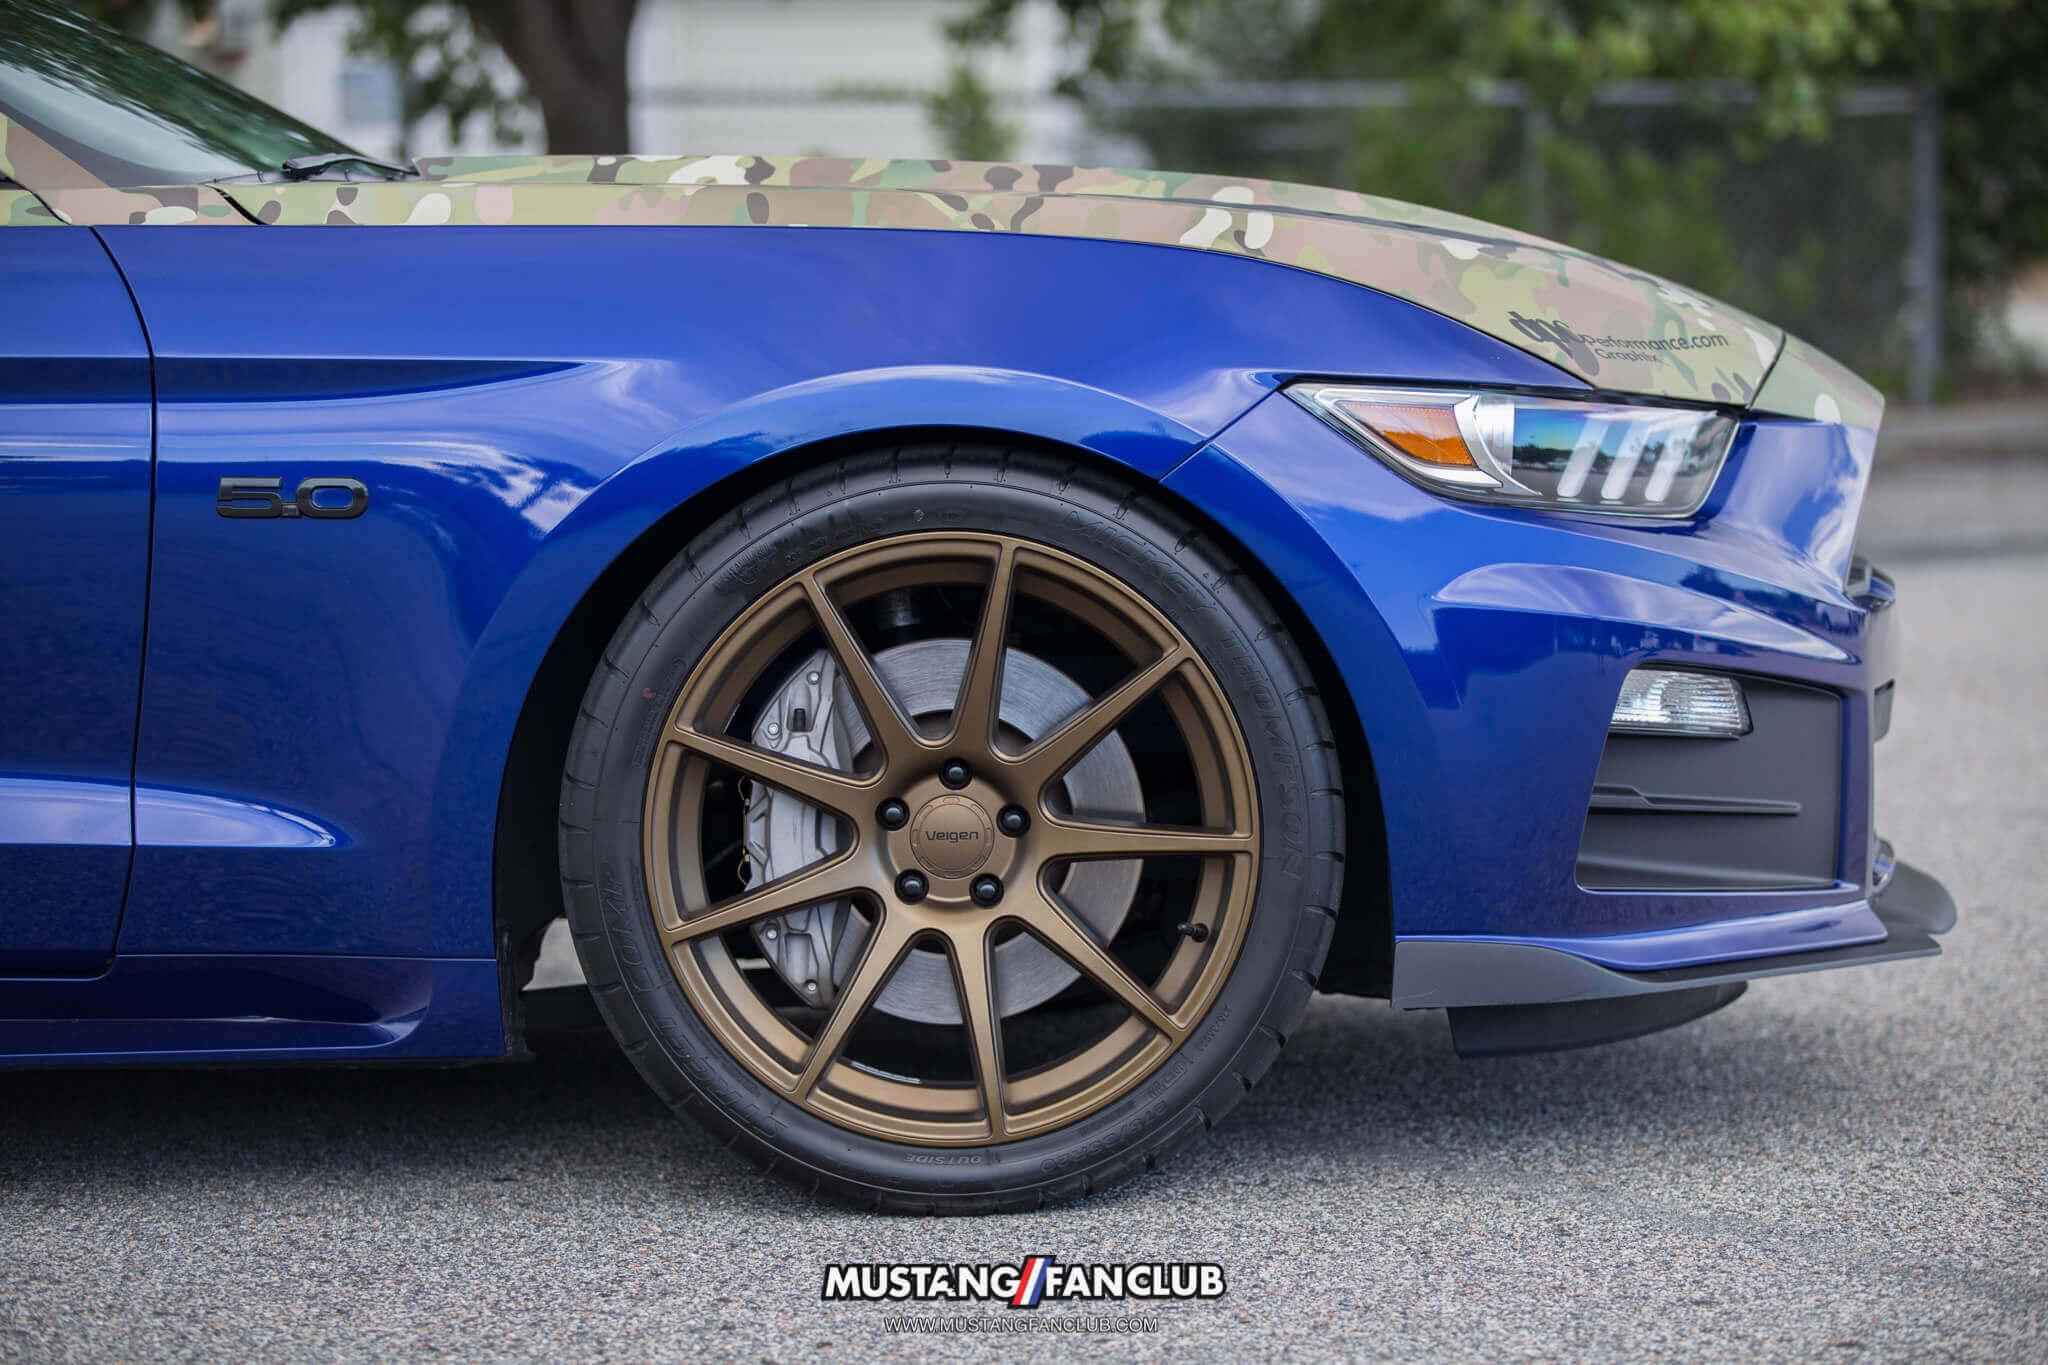 velgen wheels deep impact blue s550 mustang fan club roush performance front fascia camo wrap upr products steve gelles mustang week 2016 16'